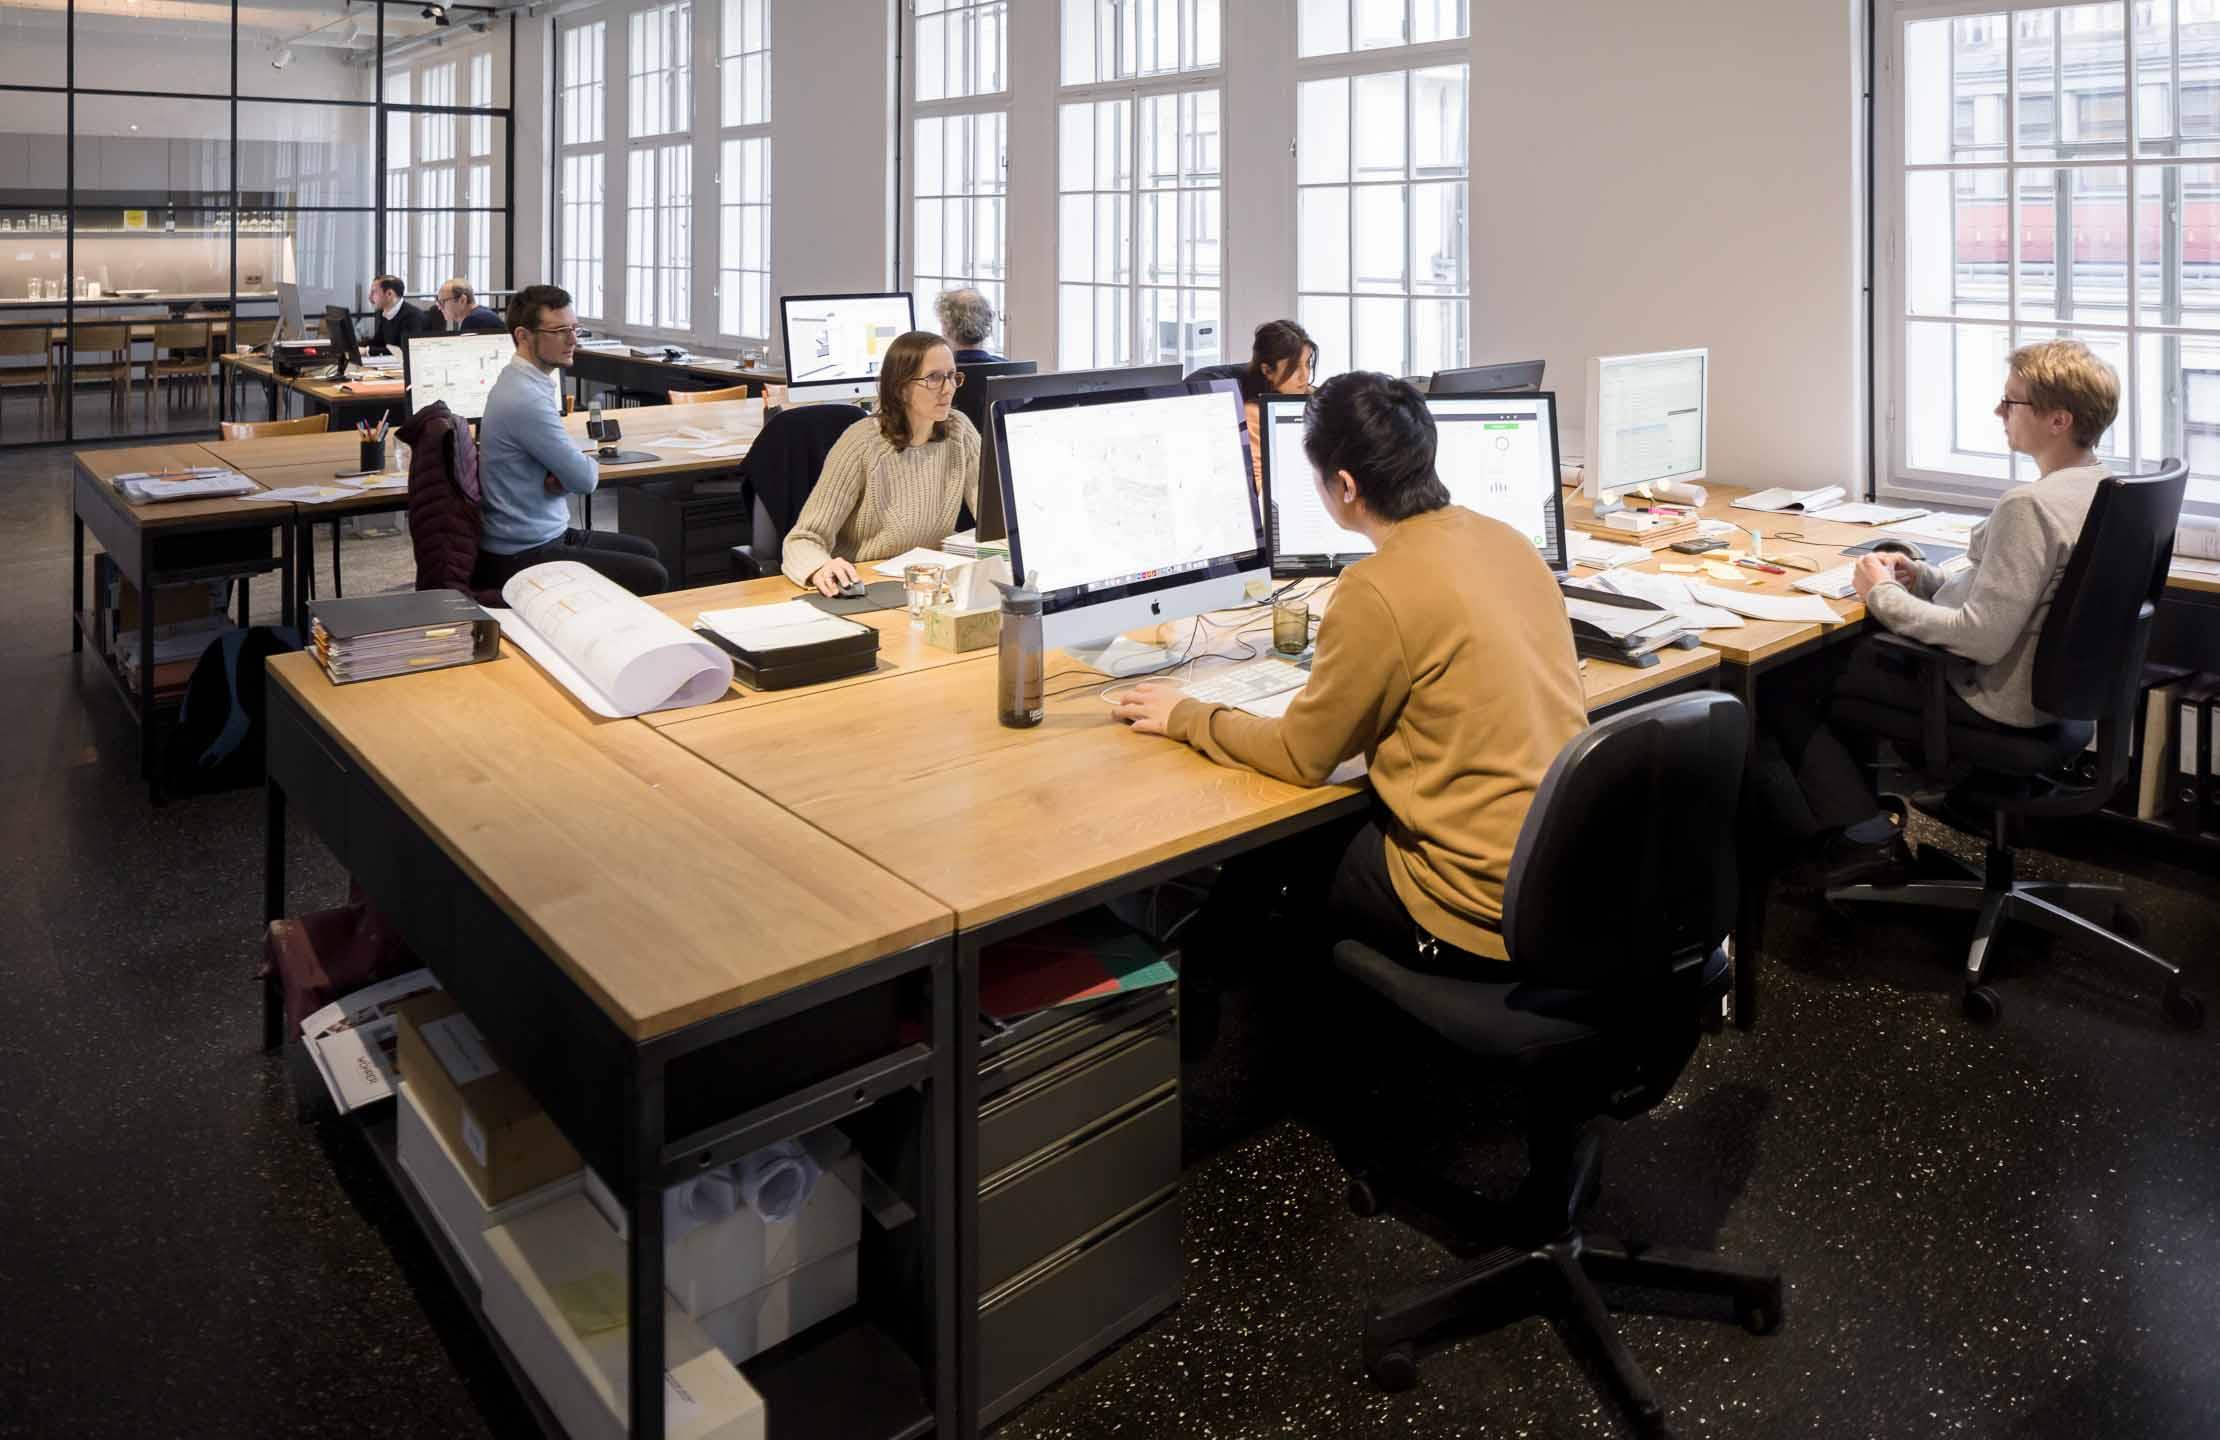 Übersichtsfoto - Arbeitsituation in Architekturbüro